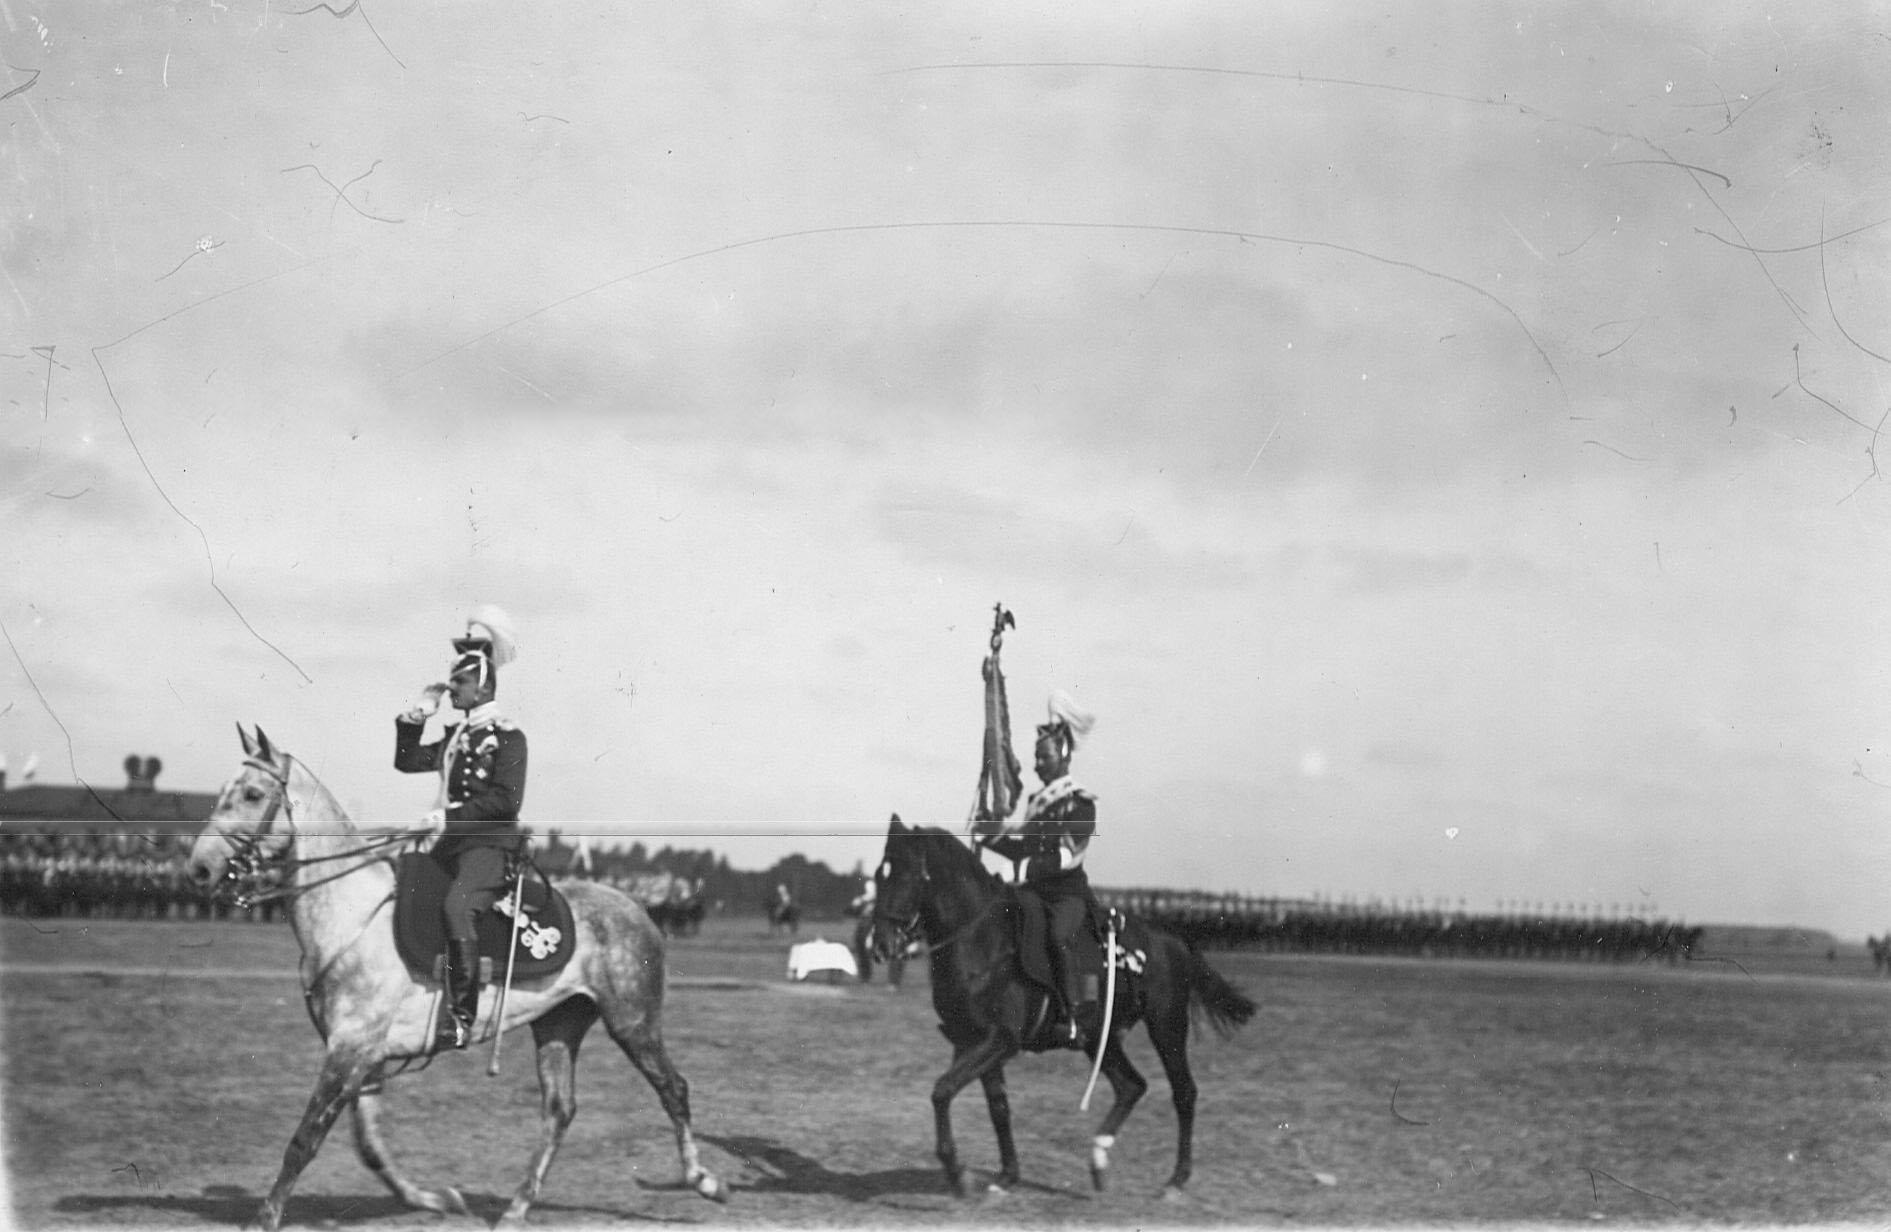 Адъютант полка князь Эристов и штандартный унтер-офицер объезжают выстроившихся для парада улан в день празднования 250-летнего юбилея полка